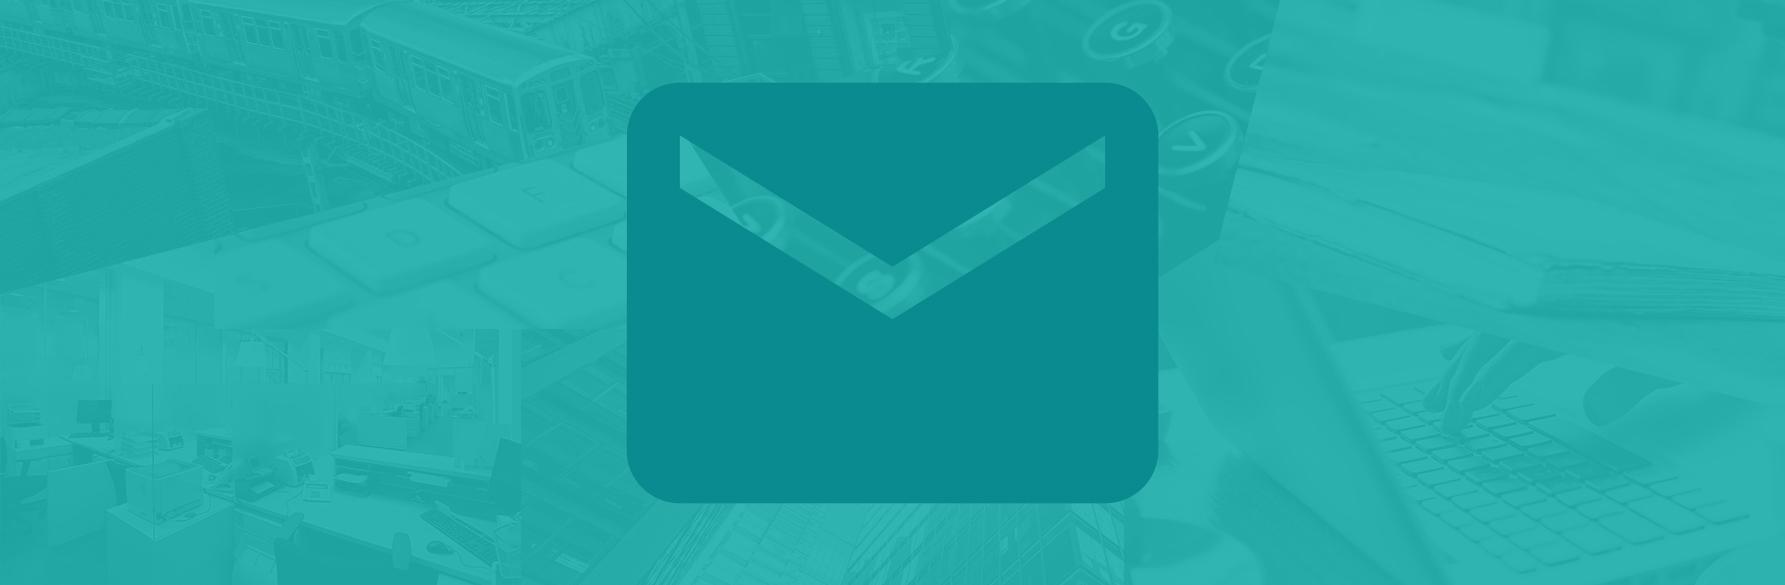 YY_YYSite_ServicesHero_Email Marketing